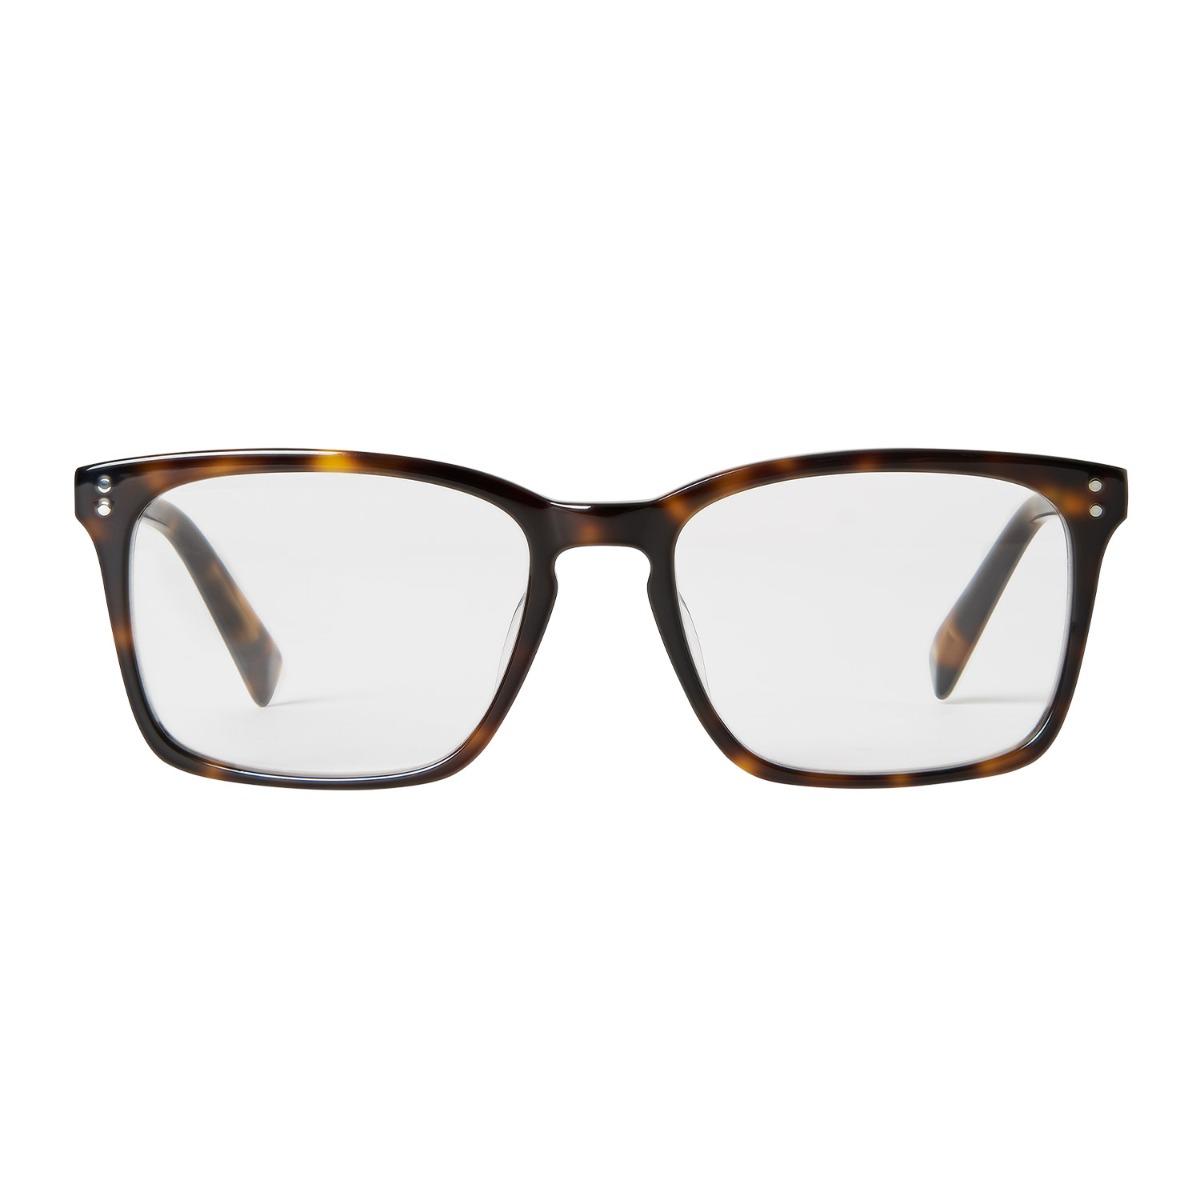 Designtorget Läsglasögon DT Fyrkantig Brun +2